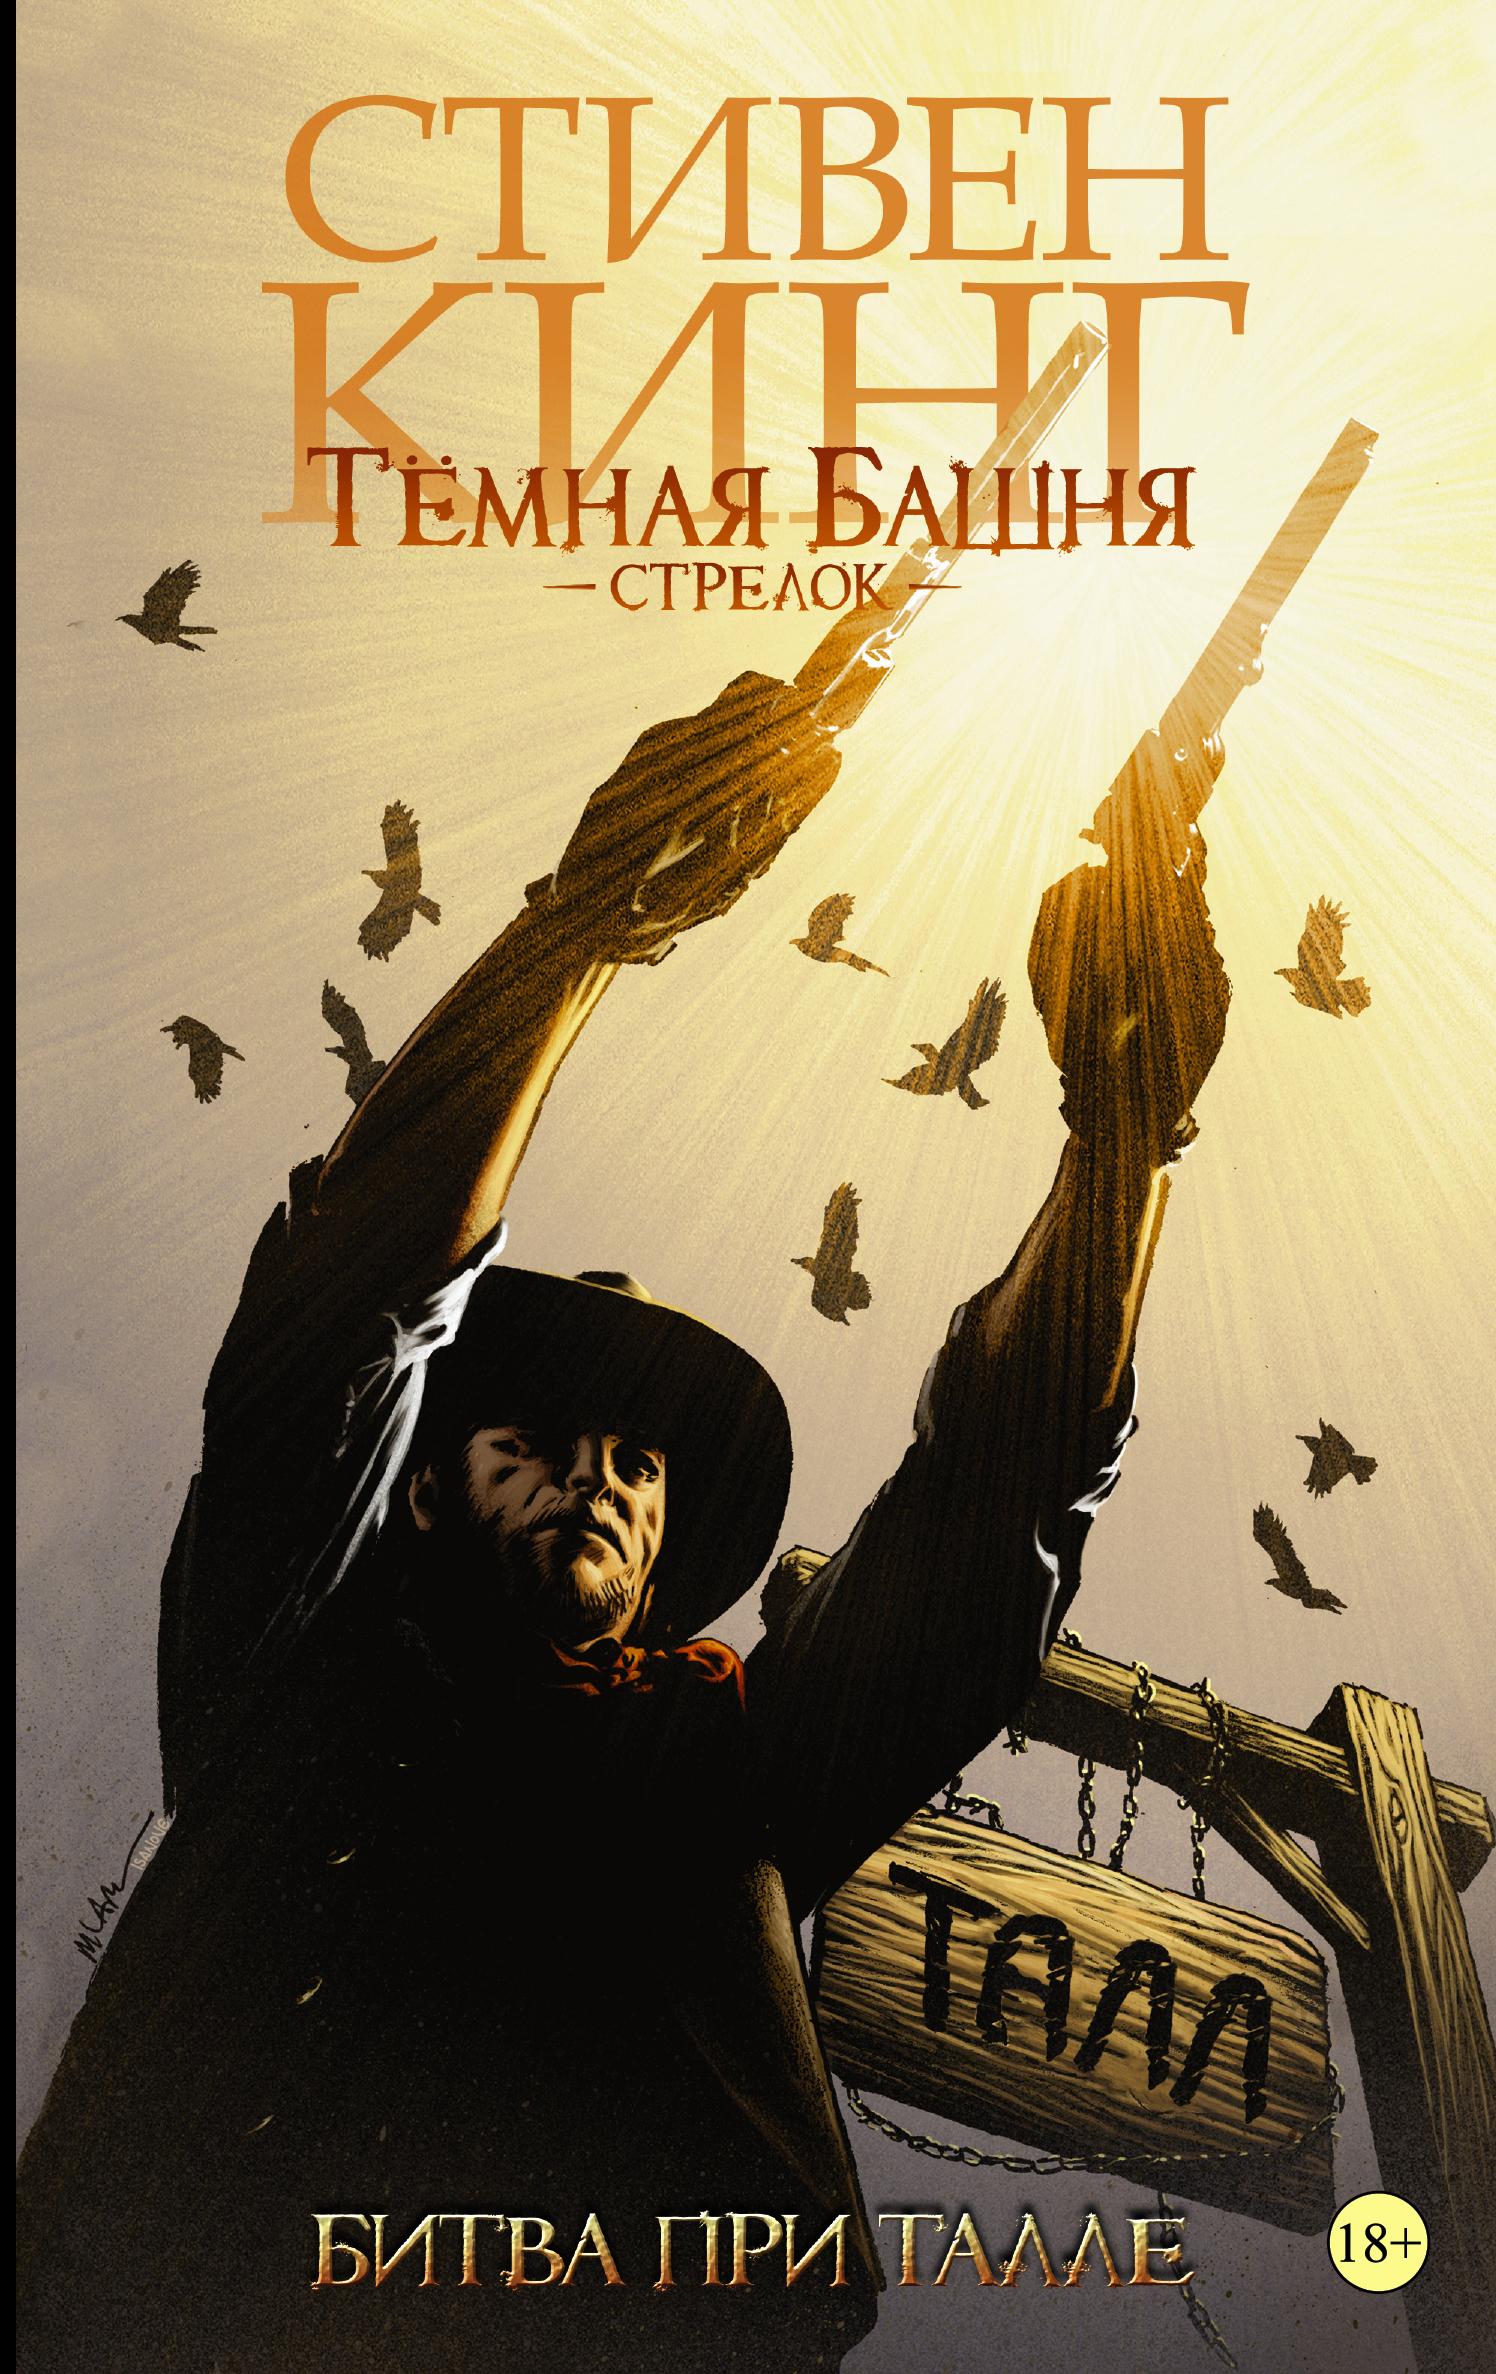 Комикс «Стивен Кинг. Темная Башня. Стрелок. Битва при Талле» (2012)